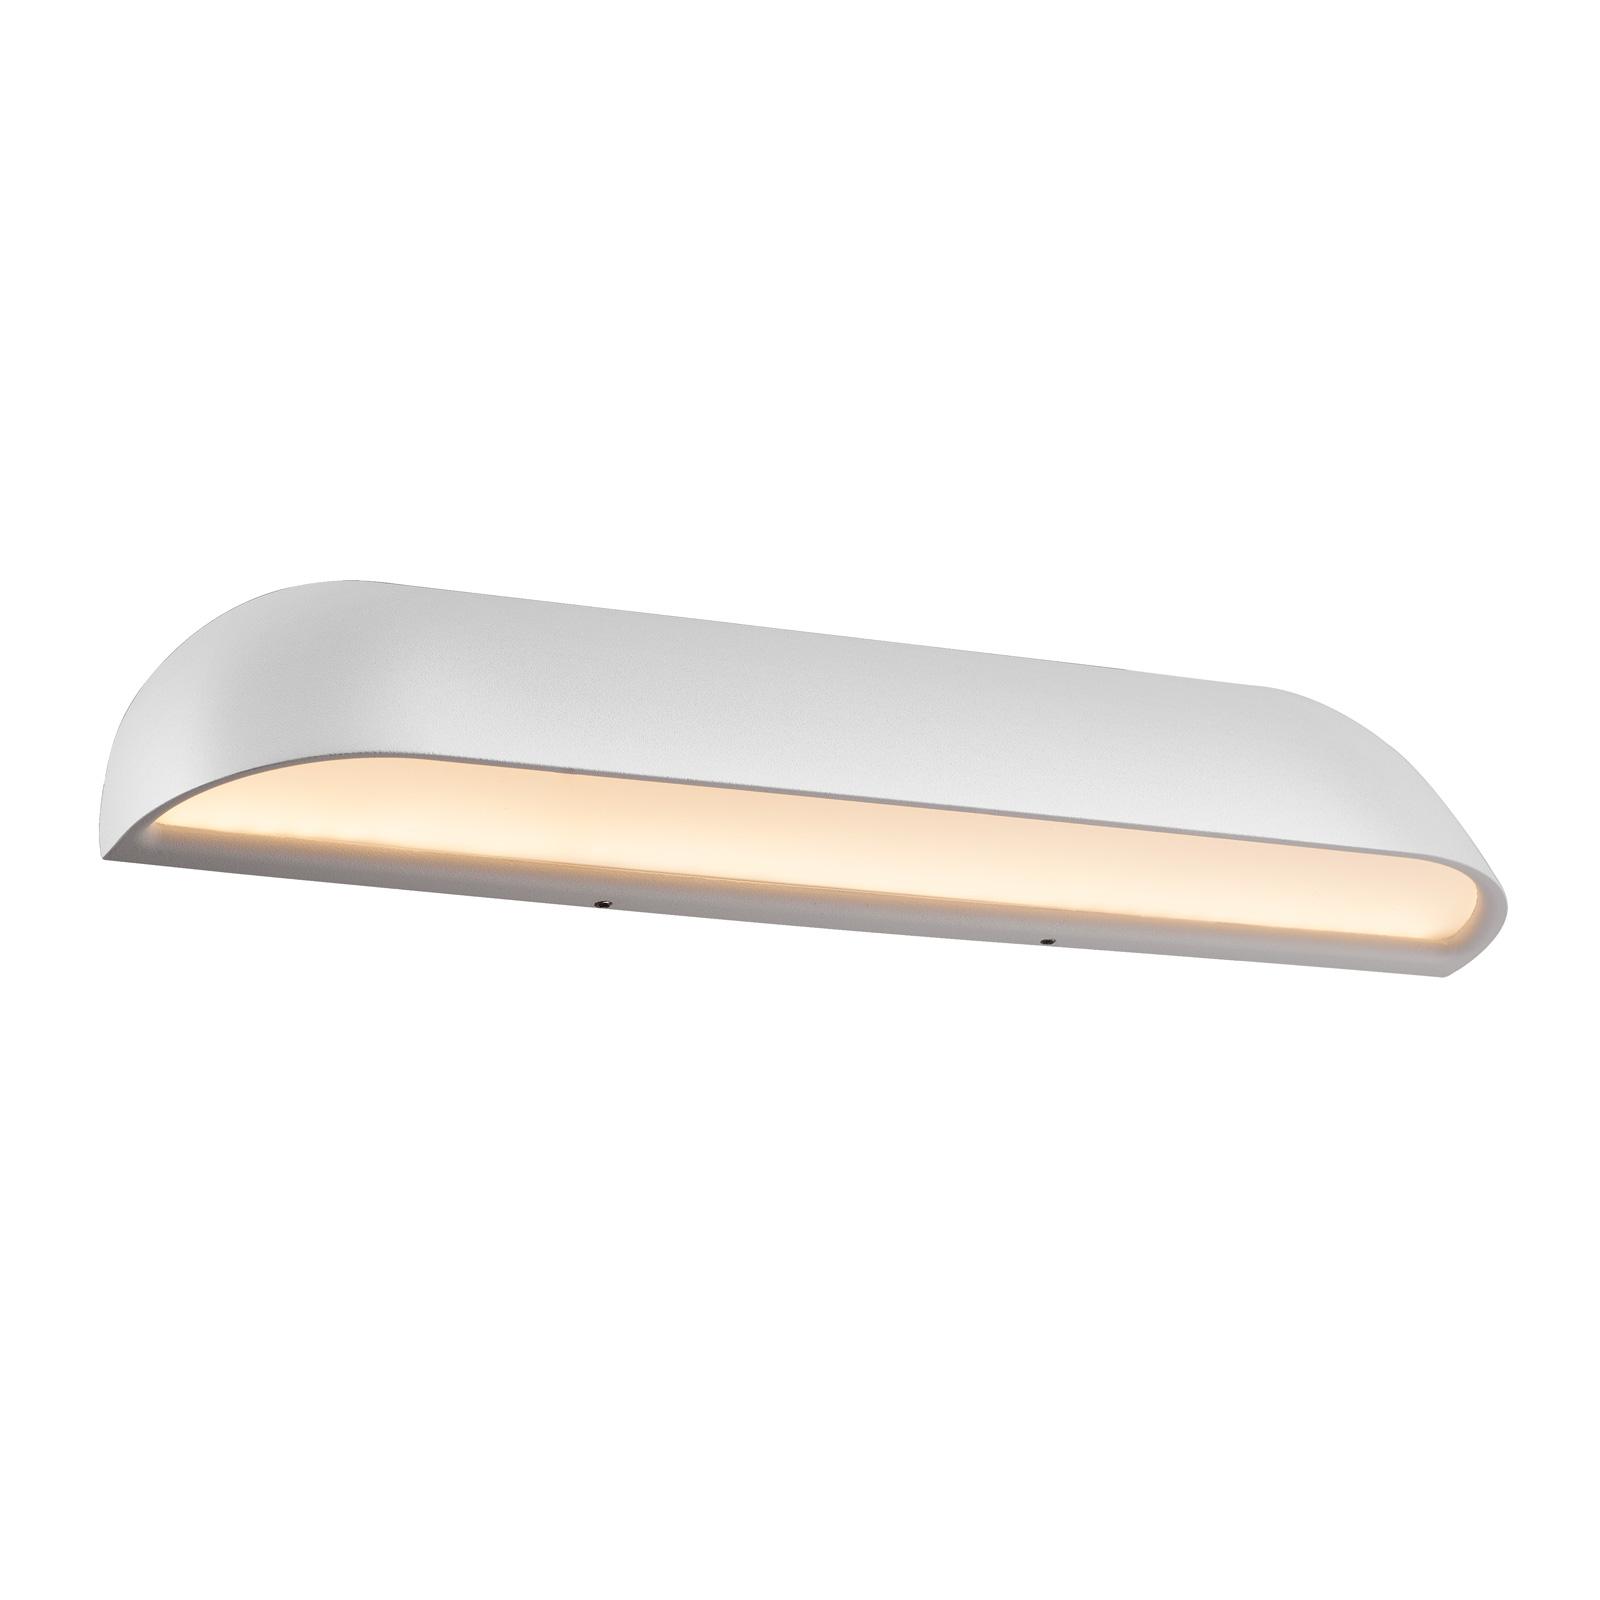 LED buitenwandlamp voorzijde 36, wit